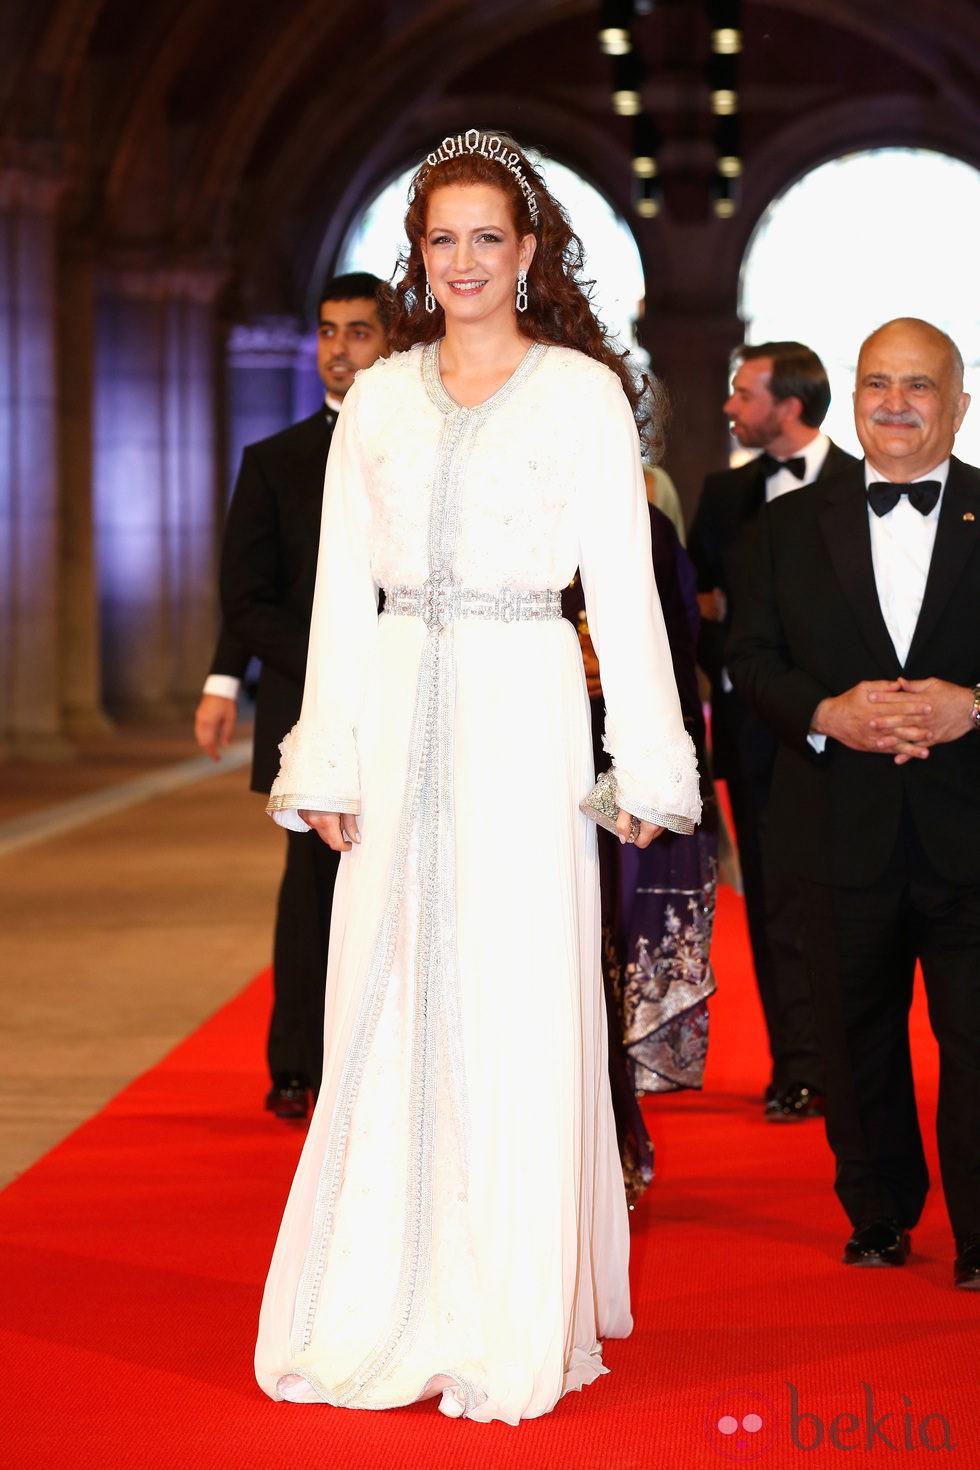 La Princesa Salma de Marruecos en la cena previa a la abdicación de la Reina Beatriz de Holanda